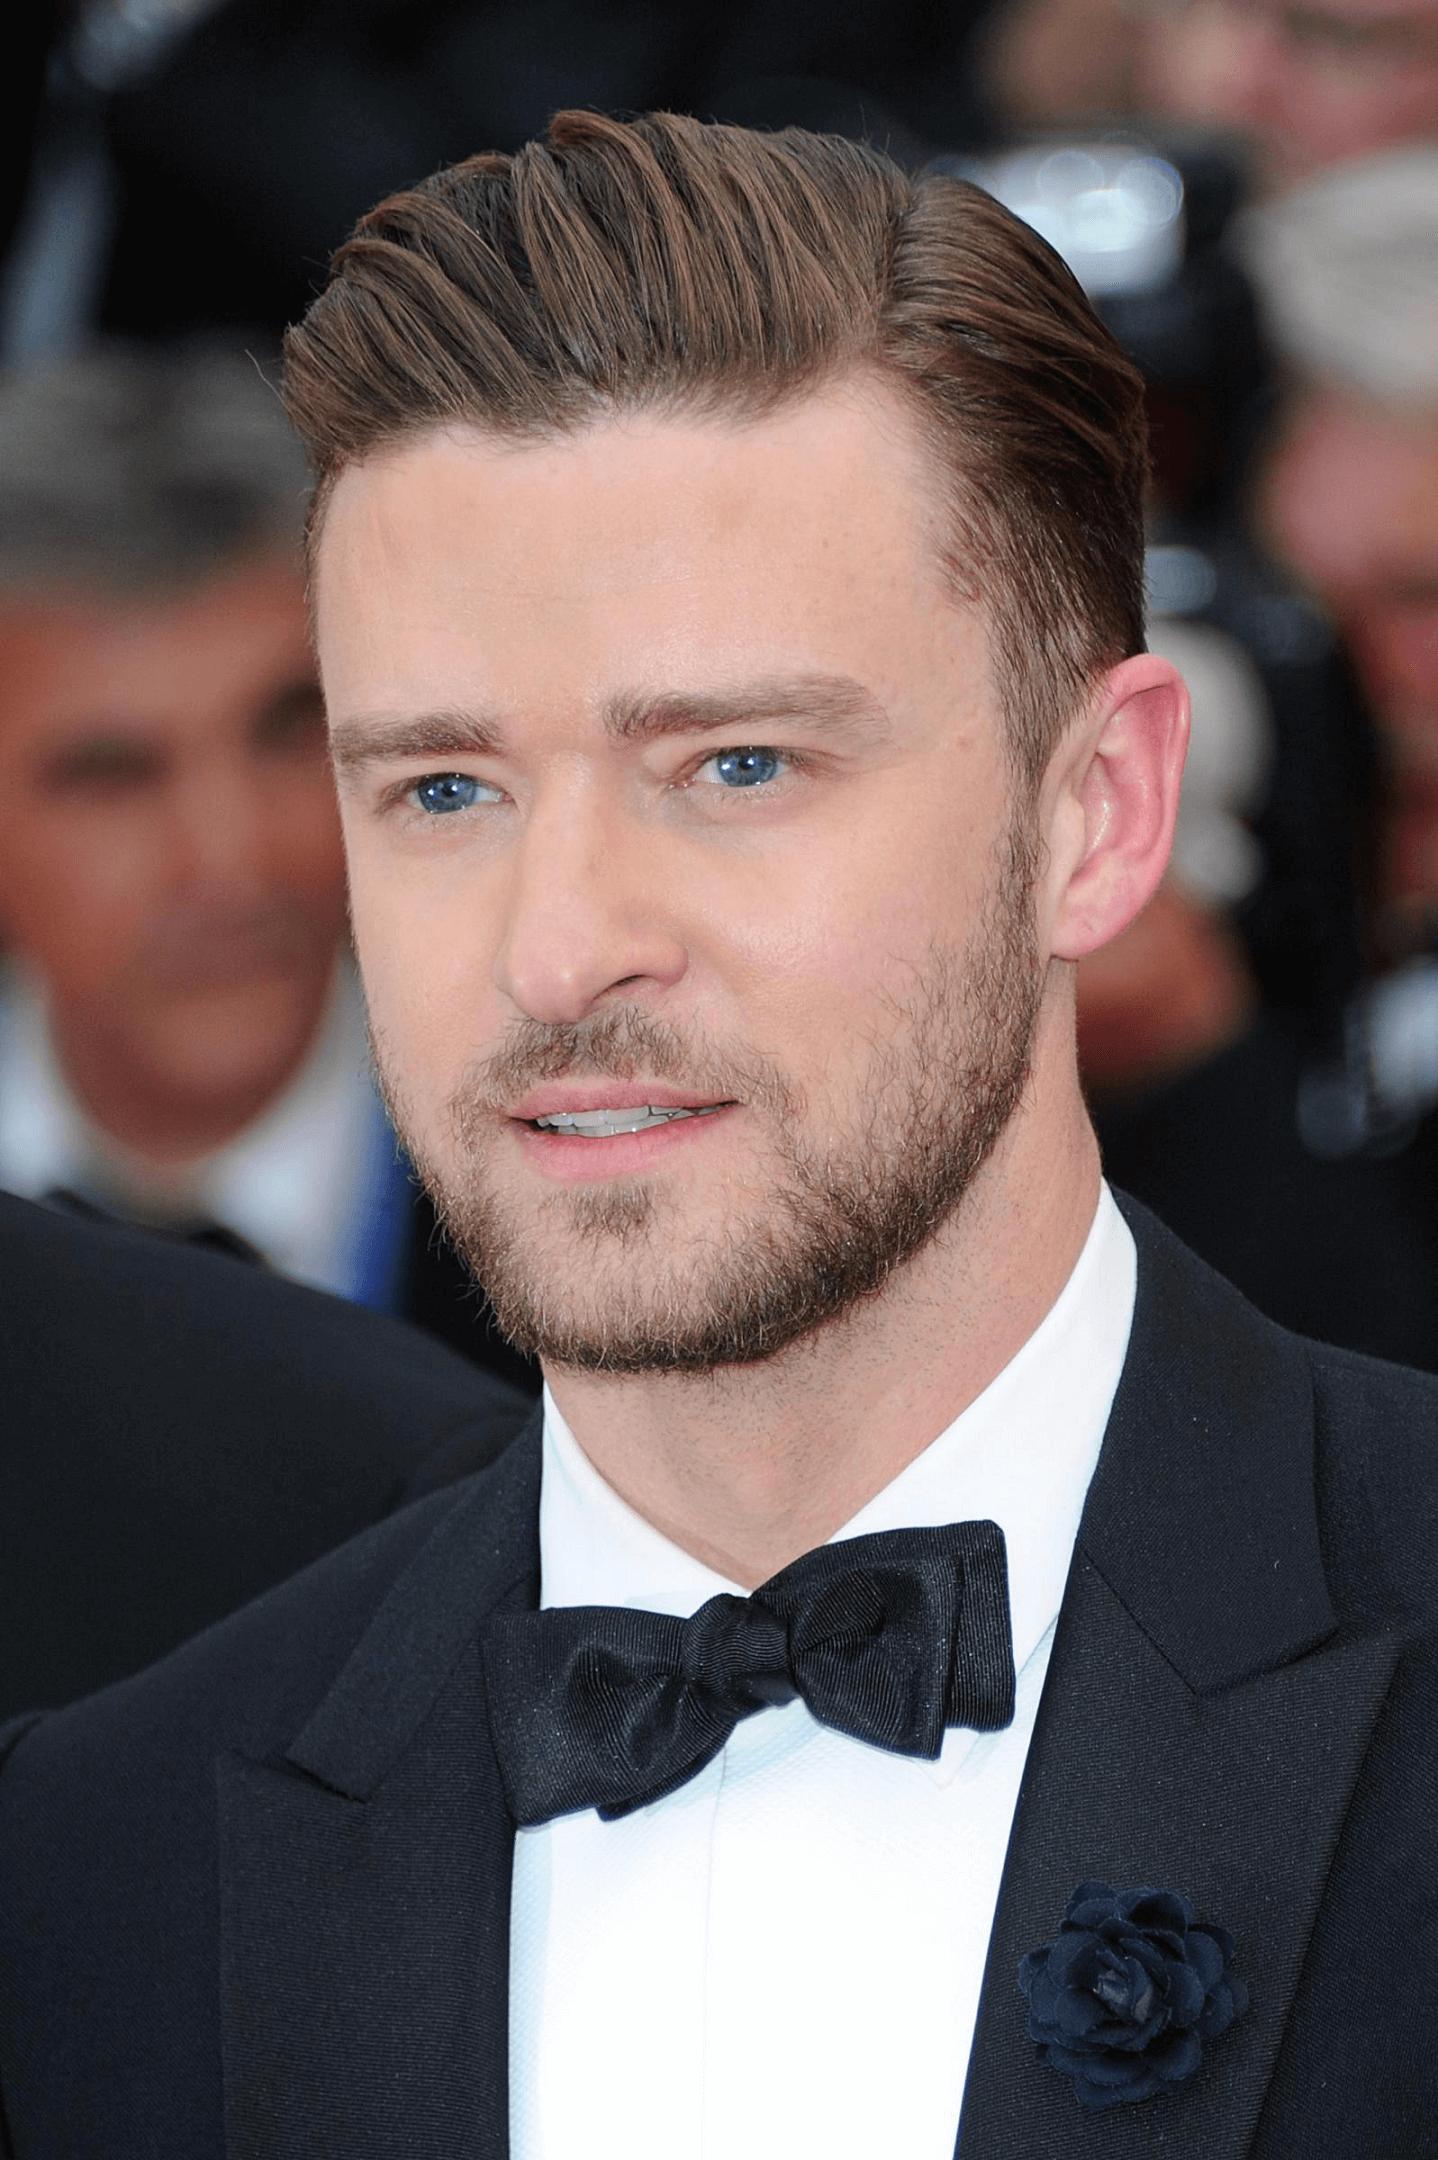 Männerfrisuren Sidecut Justin Timberlake Haare Stylen 2018